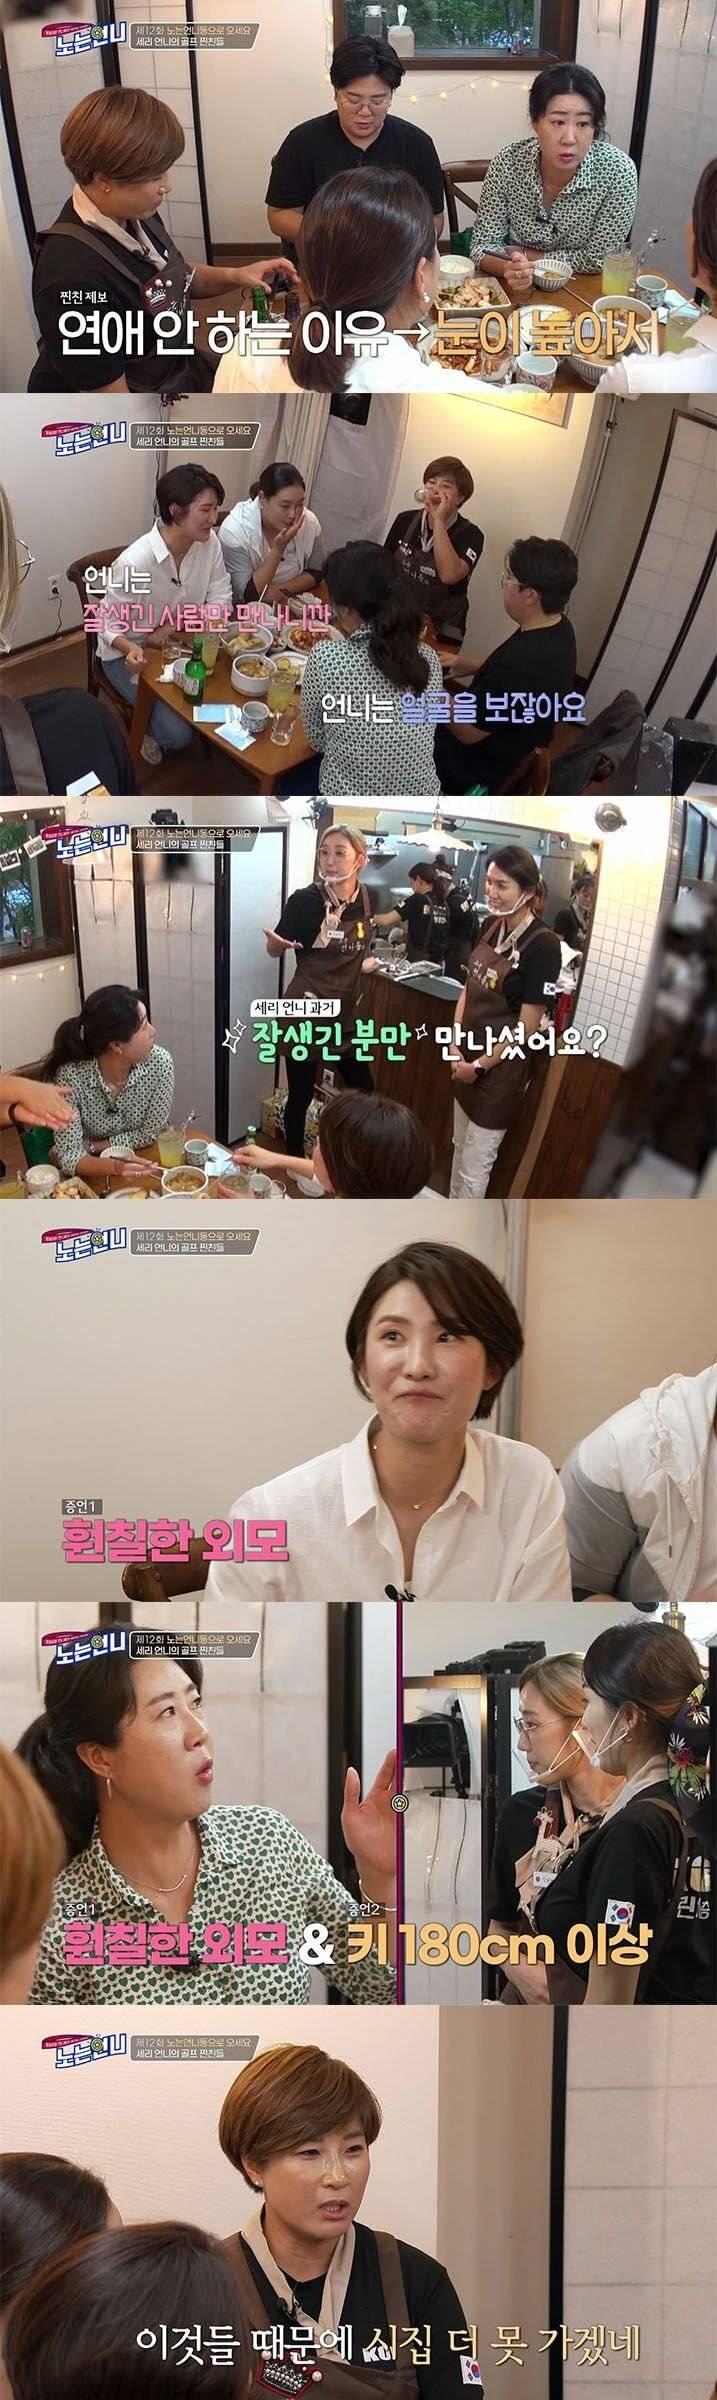 박세리가 연애를 안 하는 이유.jpg | 인스티즈